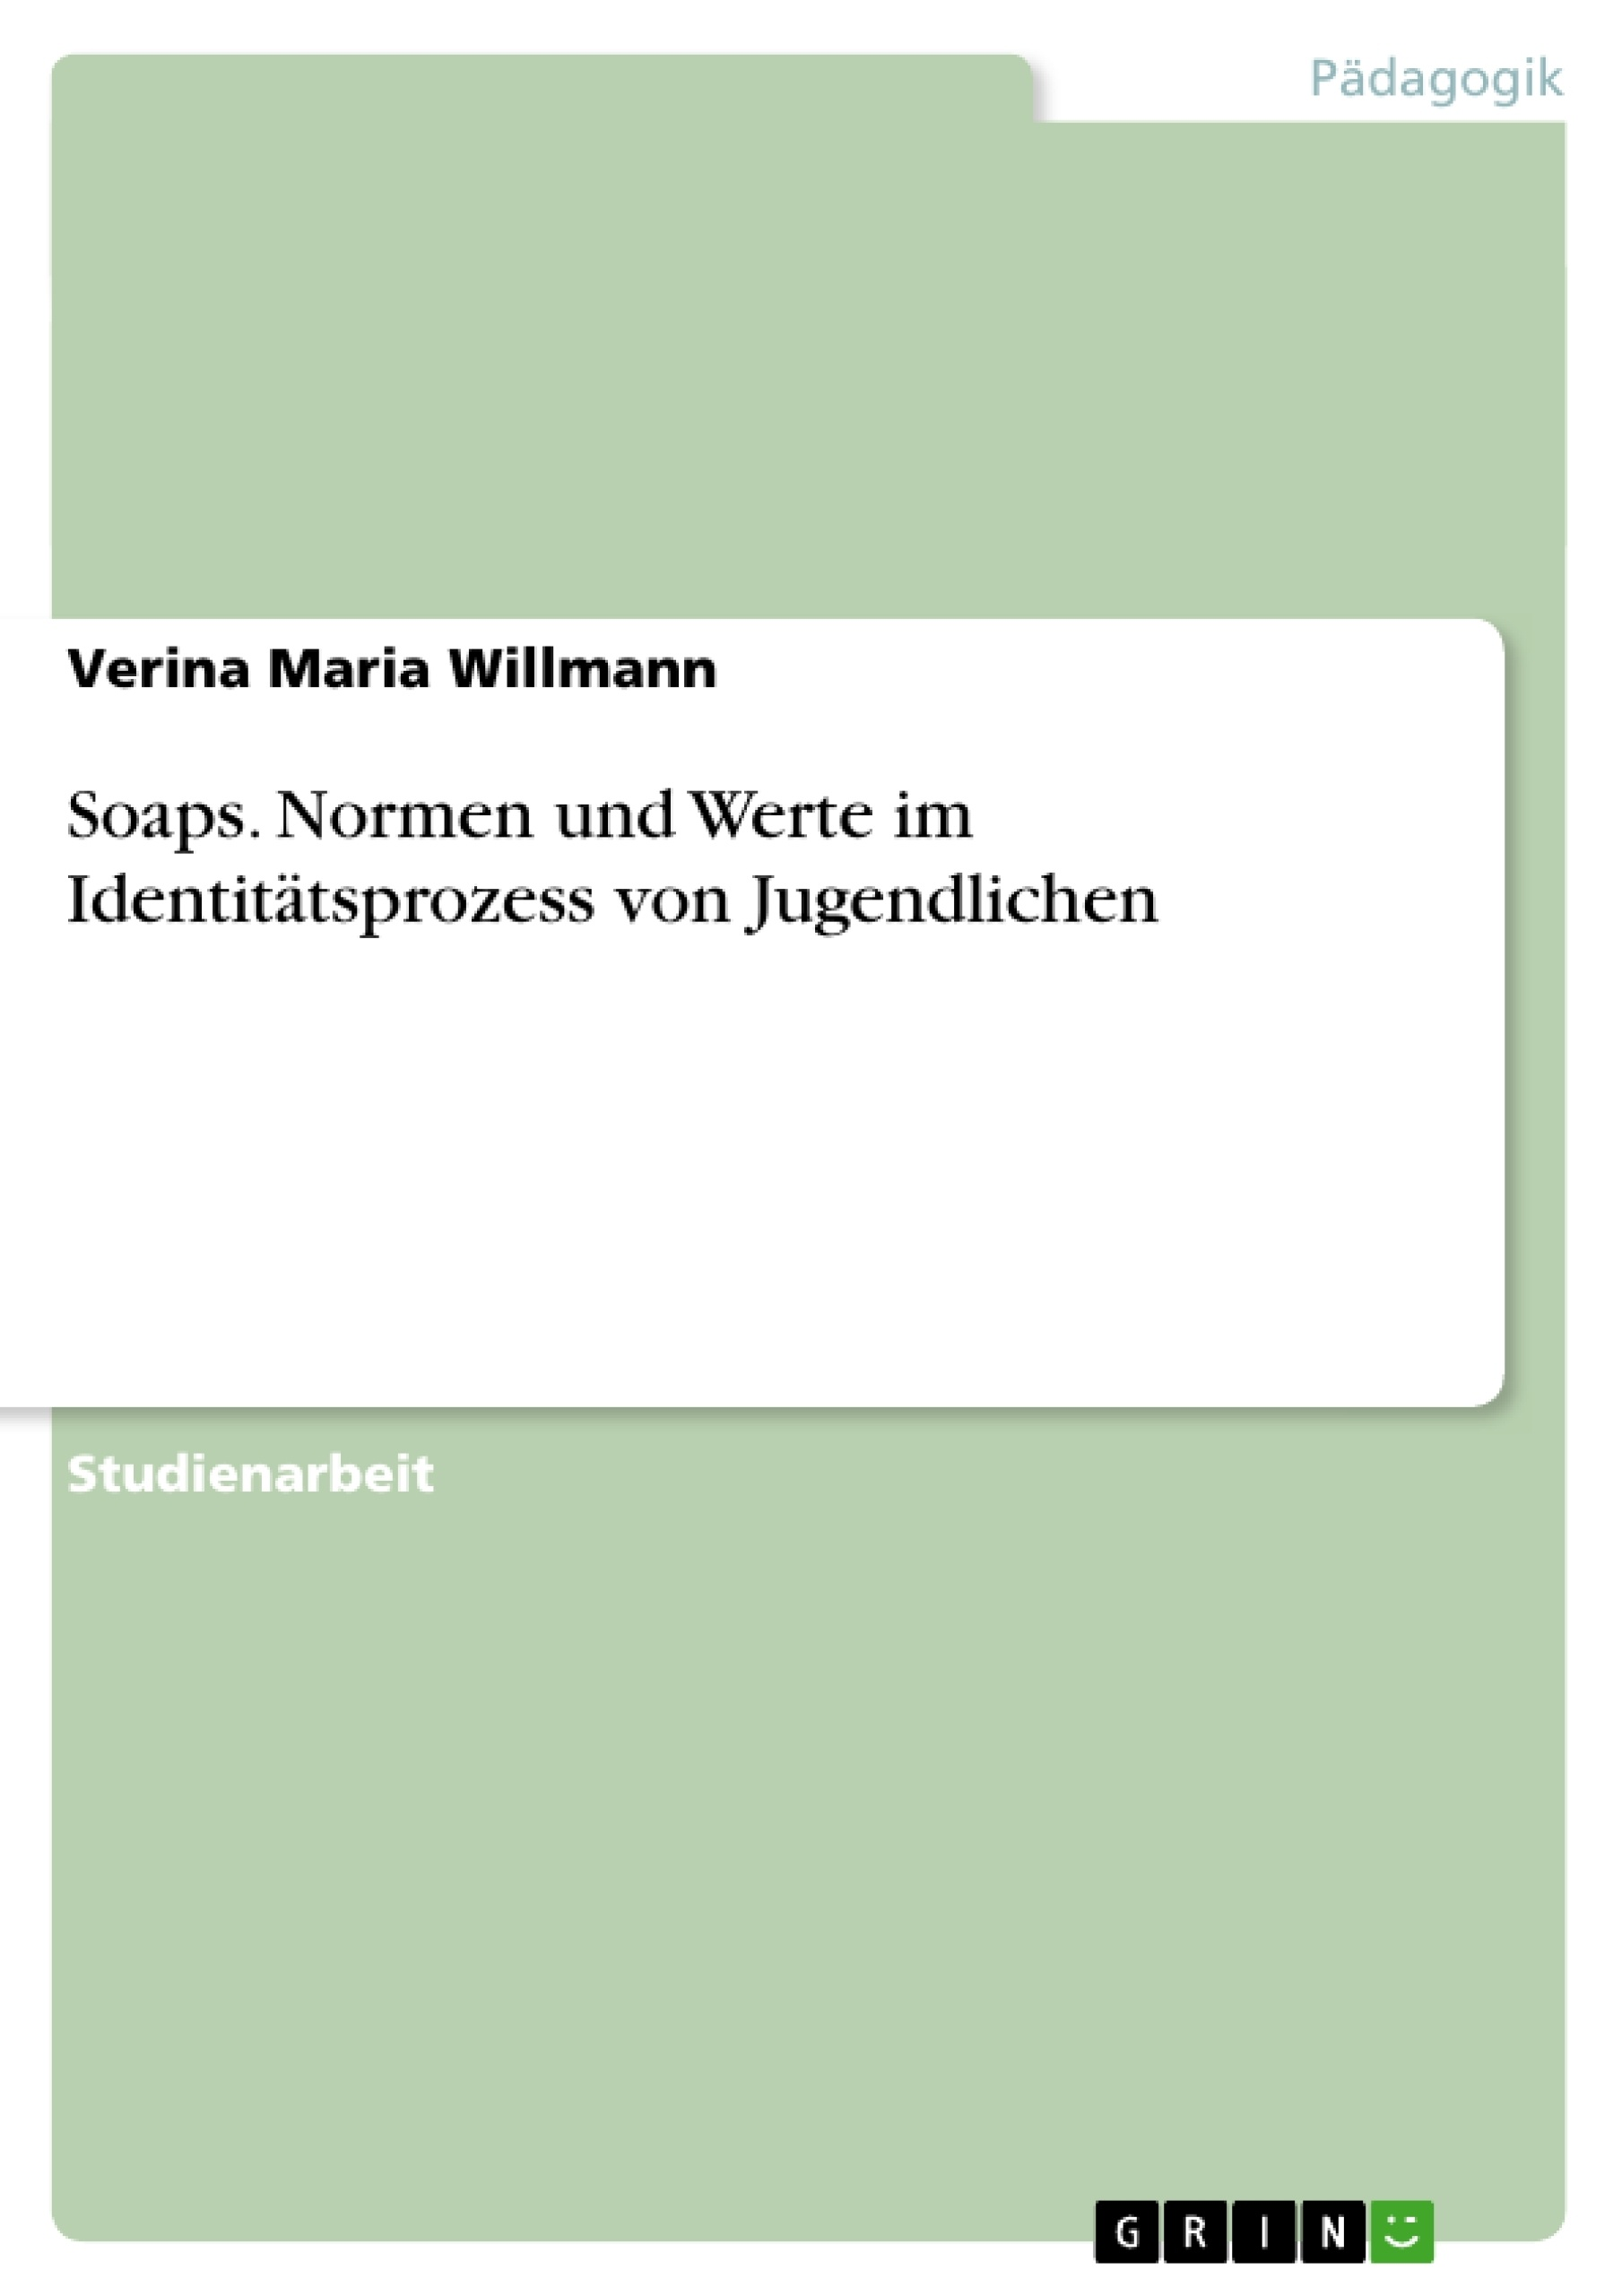 Titel: Soaps. Normen und Werte im Identitätsprozess von Jugendlichen